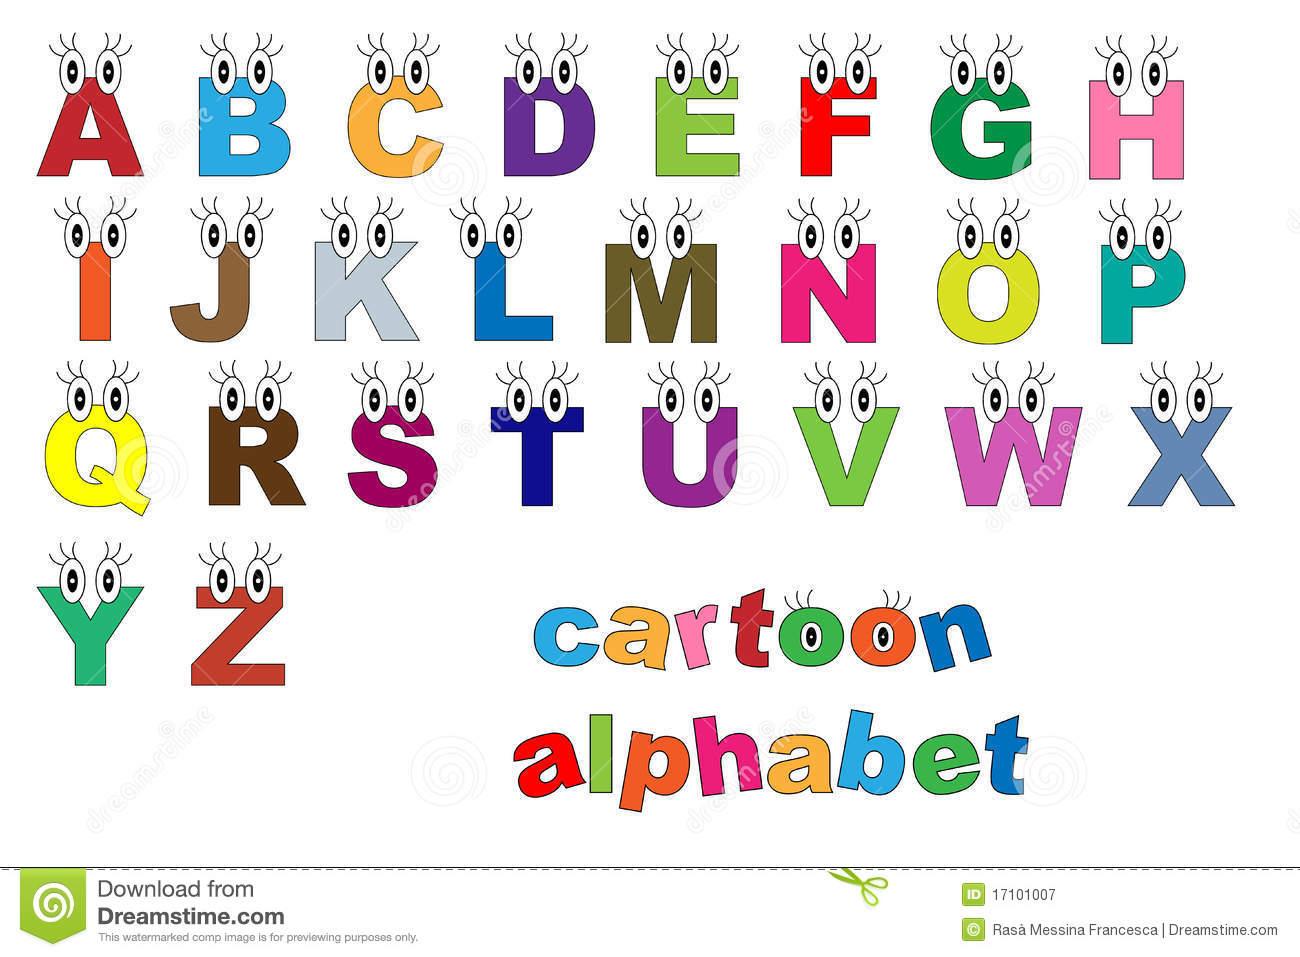 Alfabeto Dos Desenhos Animados Fotografia De Stock Royalty Free